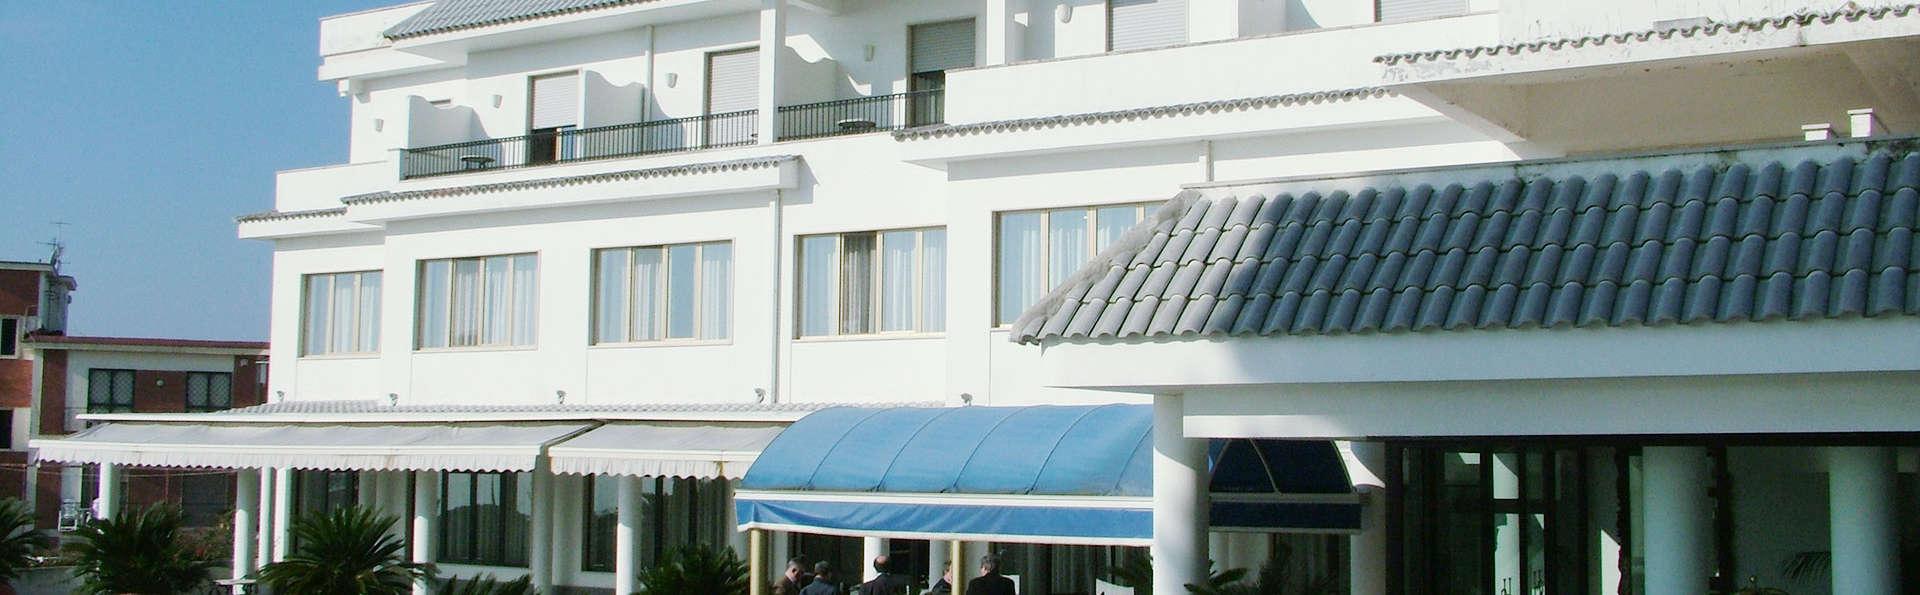 Hotel Sakura - EDIT_FRONT_01.jpg